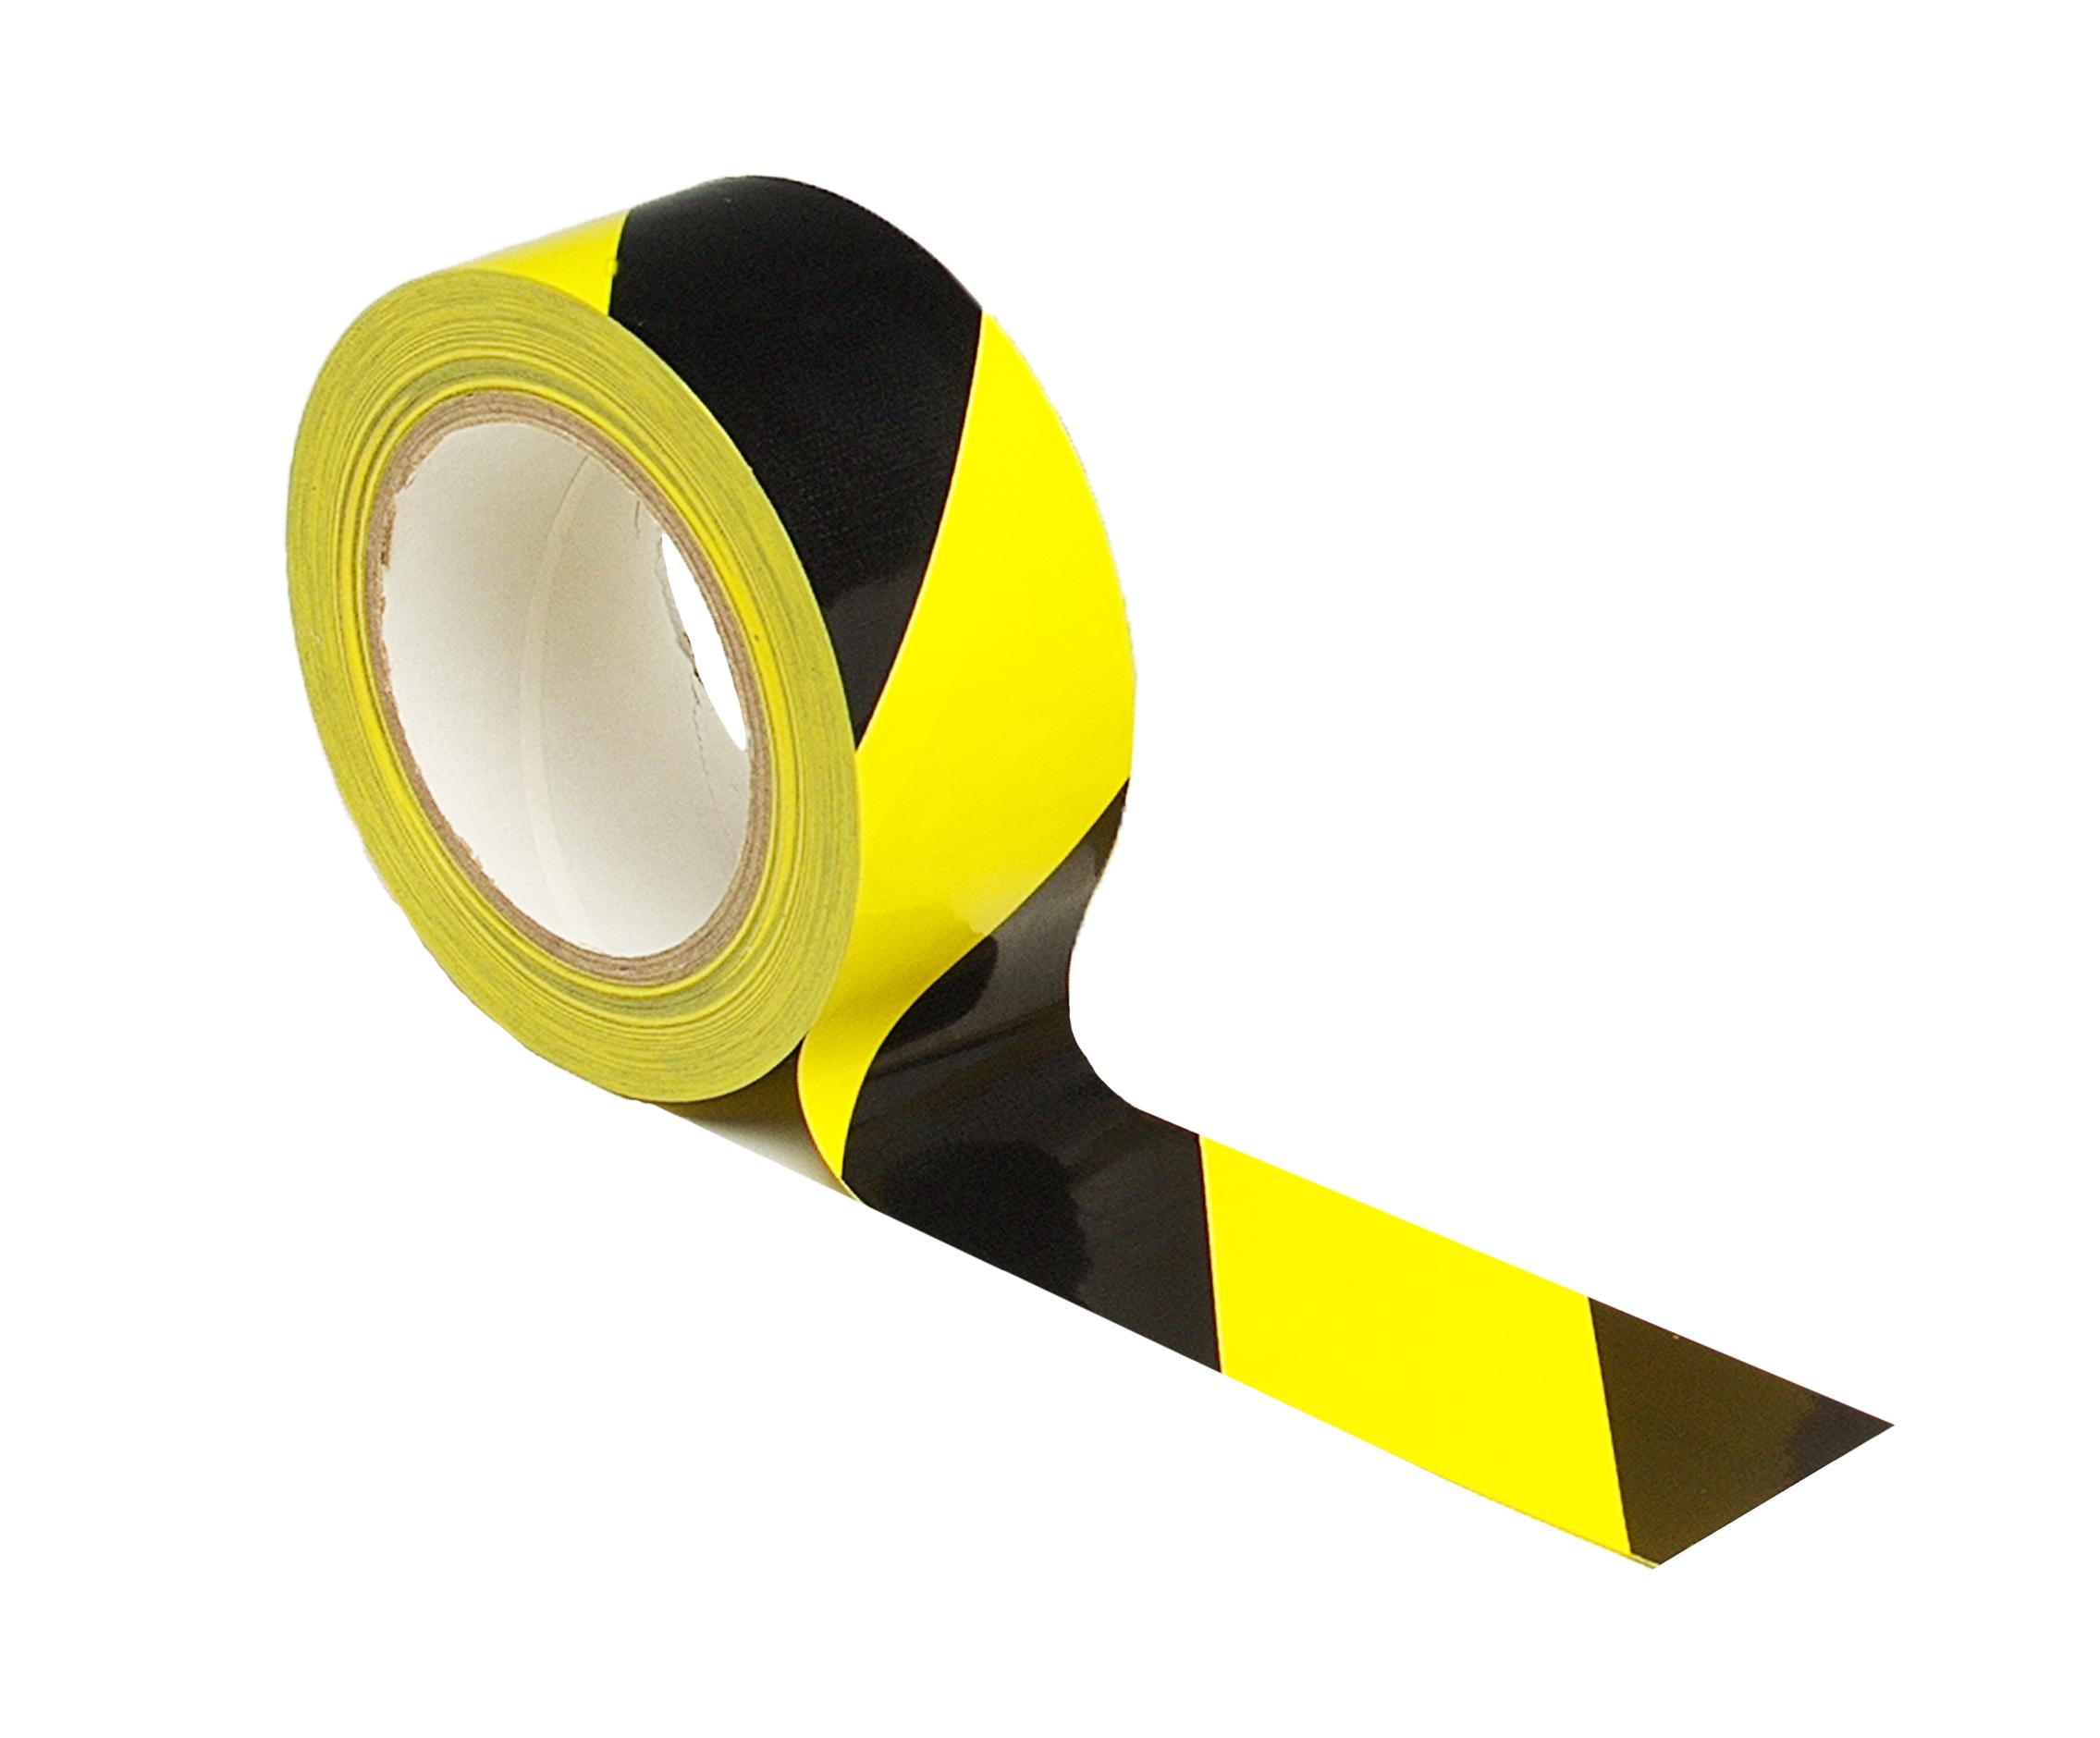 Hazard Warning Tape